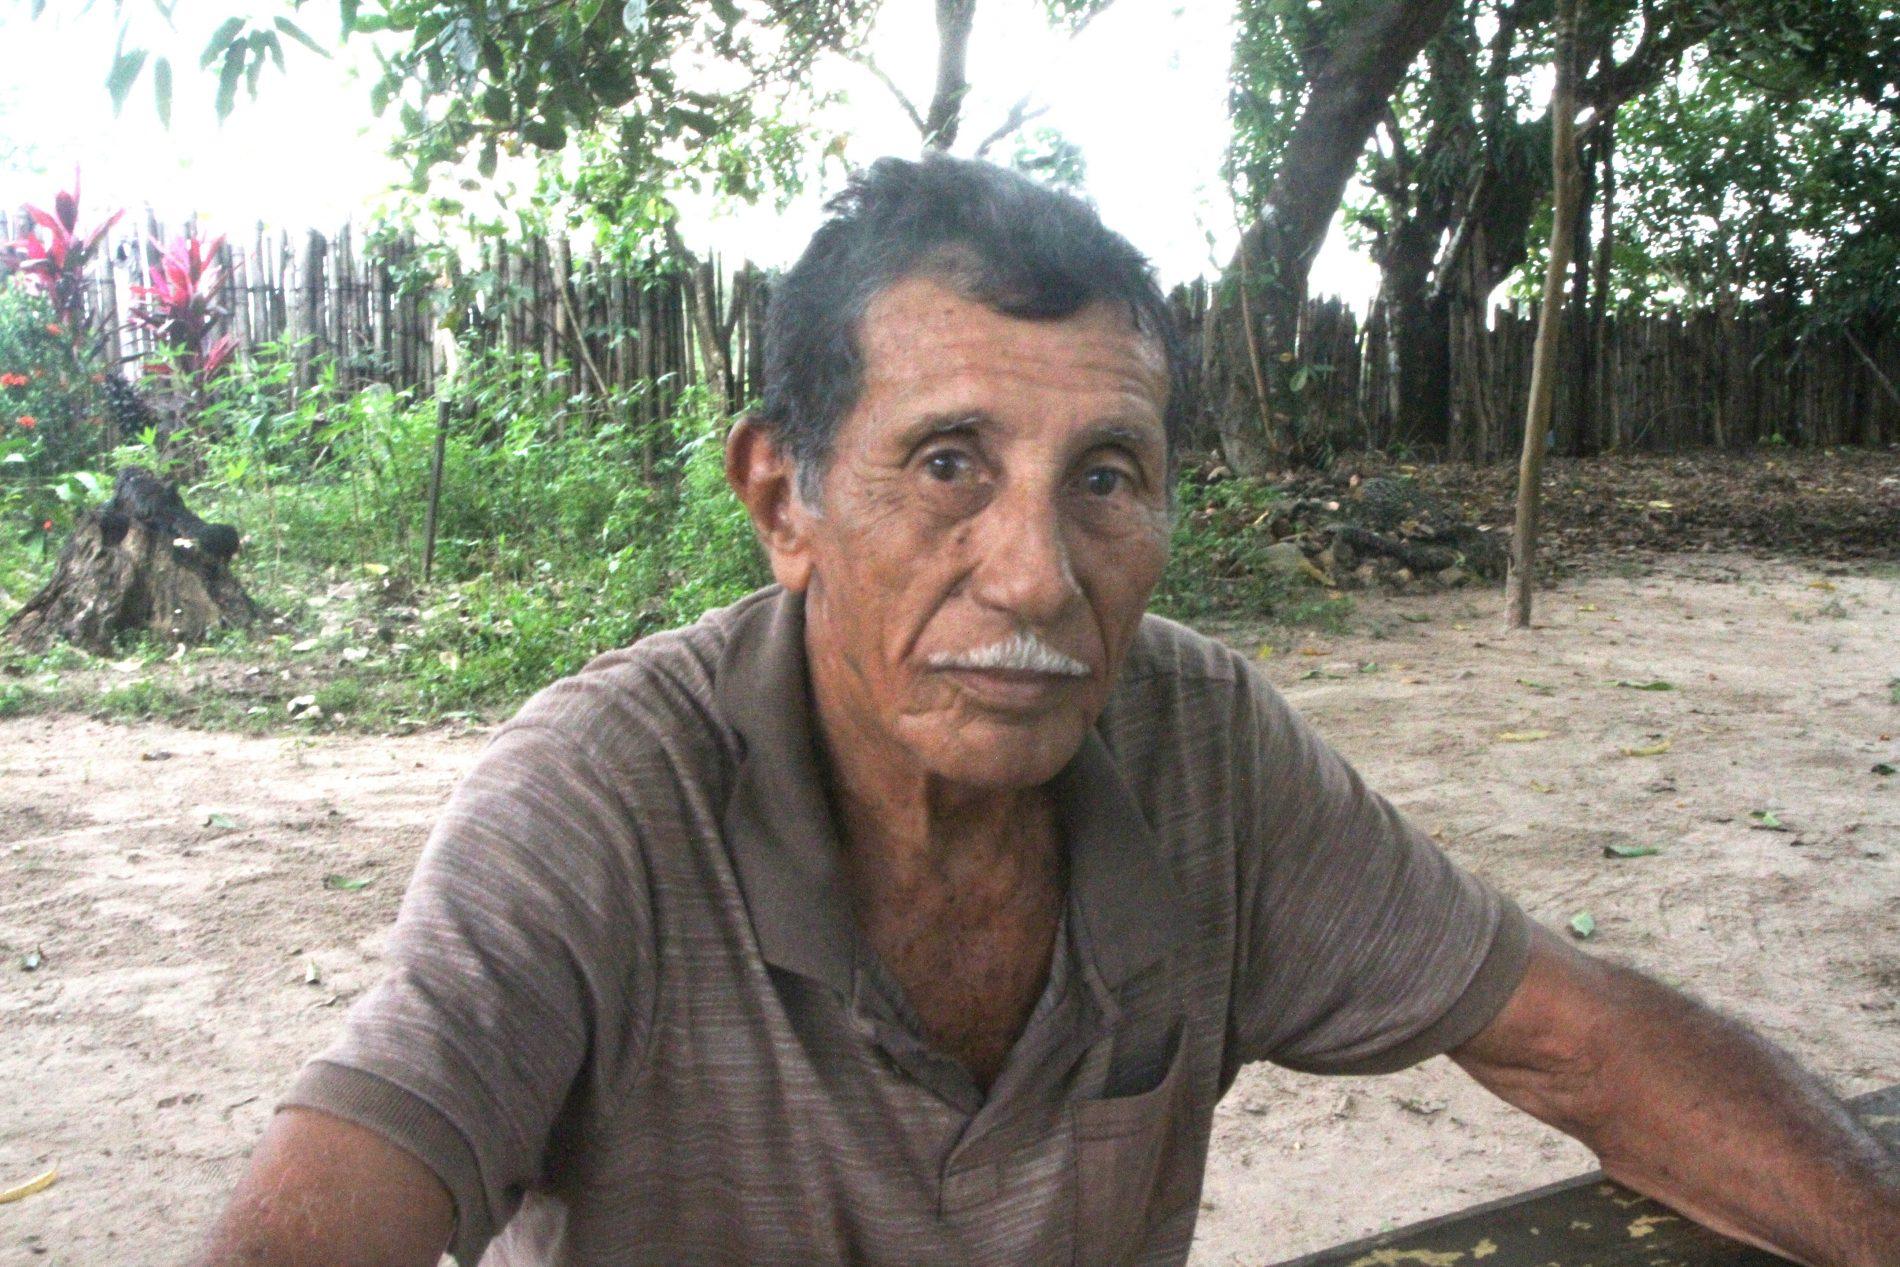 João Germano, antigo morador do Cajueiro, resiste a sair de sua casa. Foto: Valéria Sotão